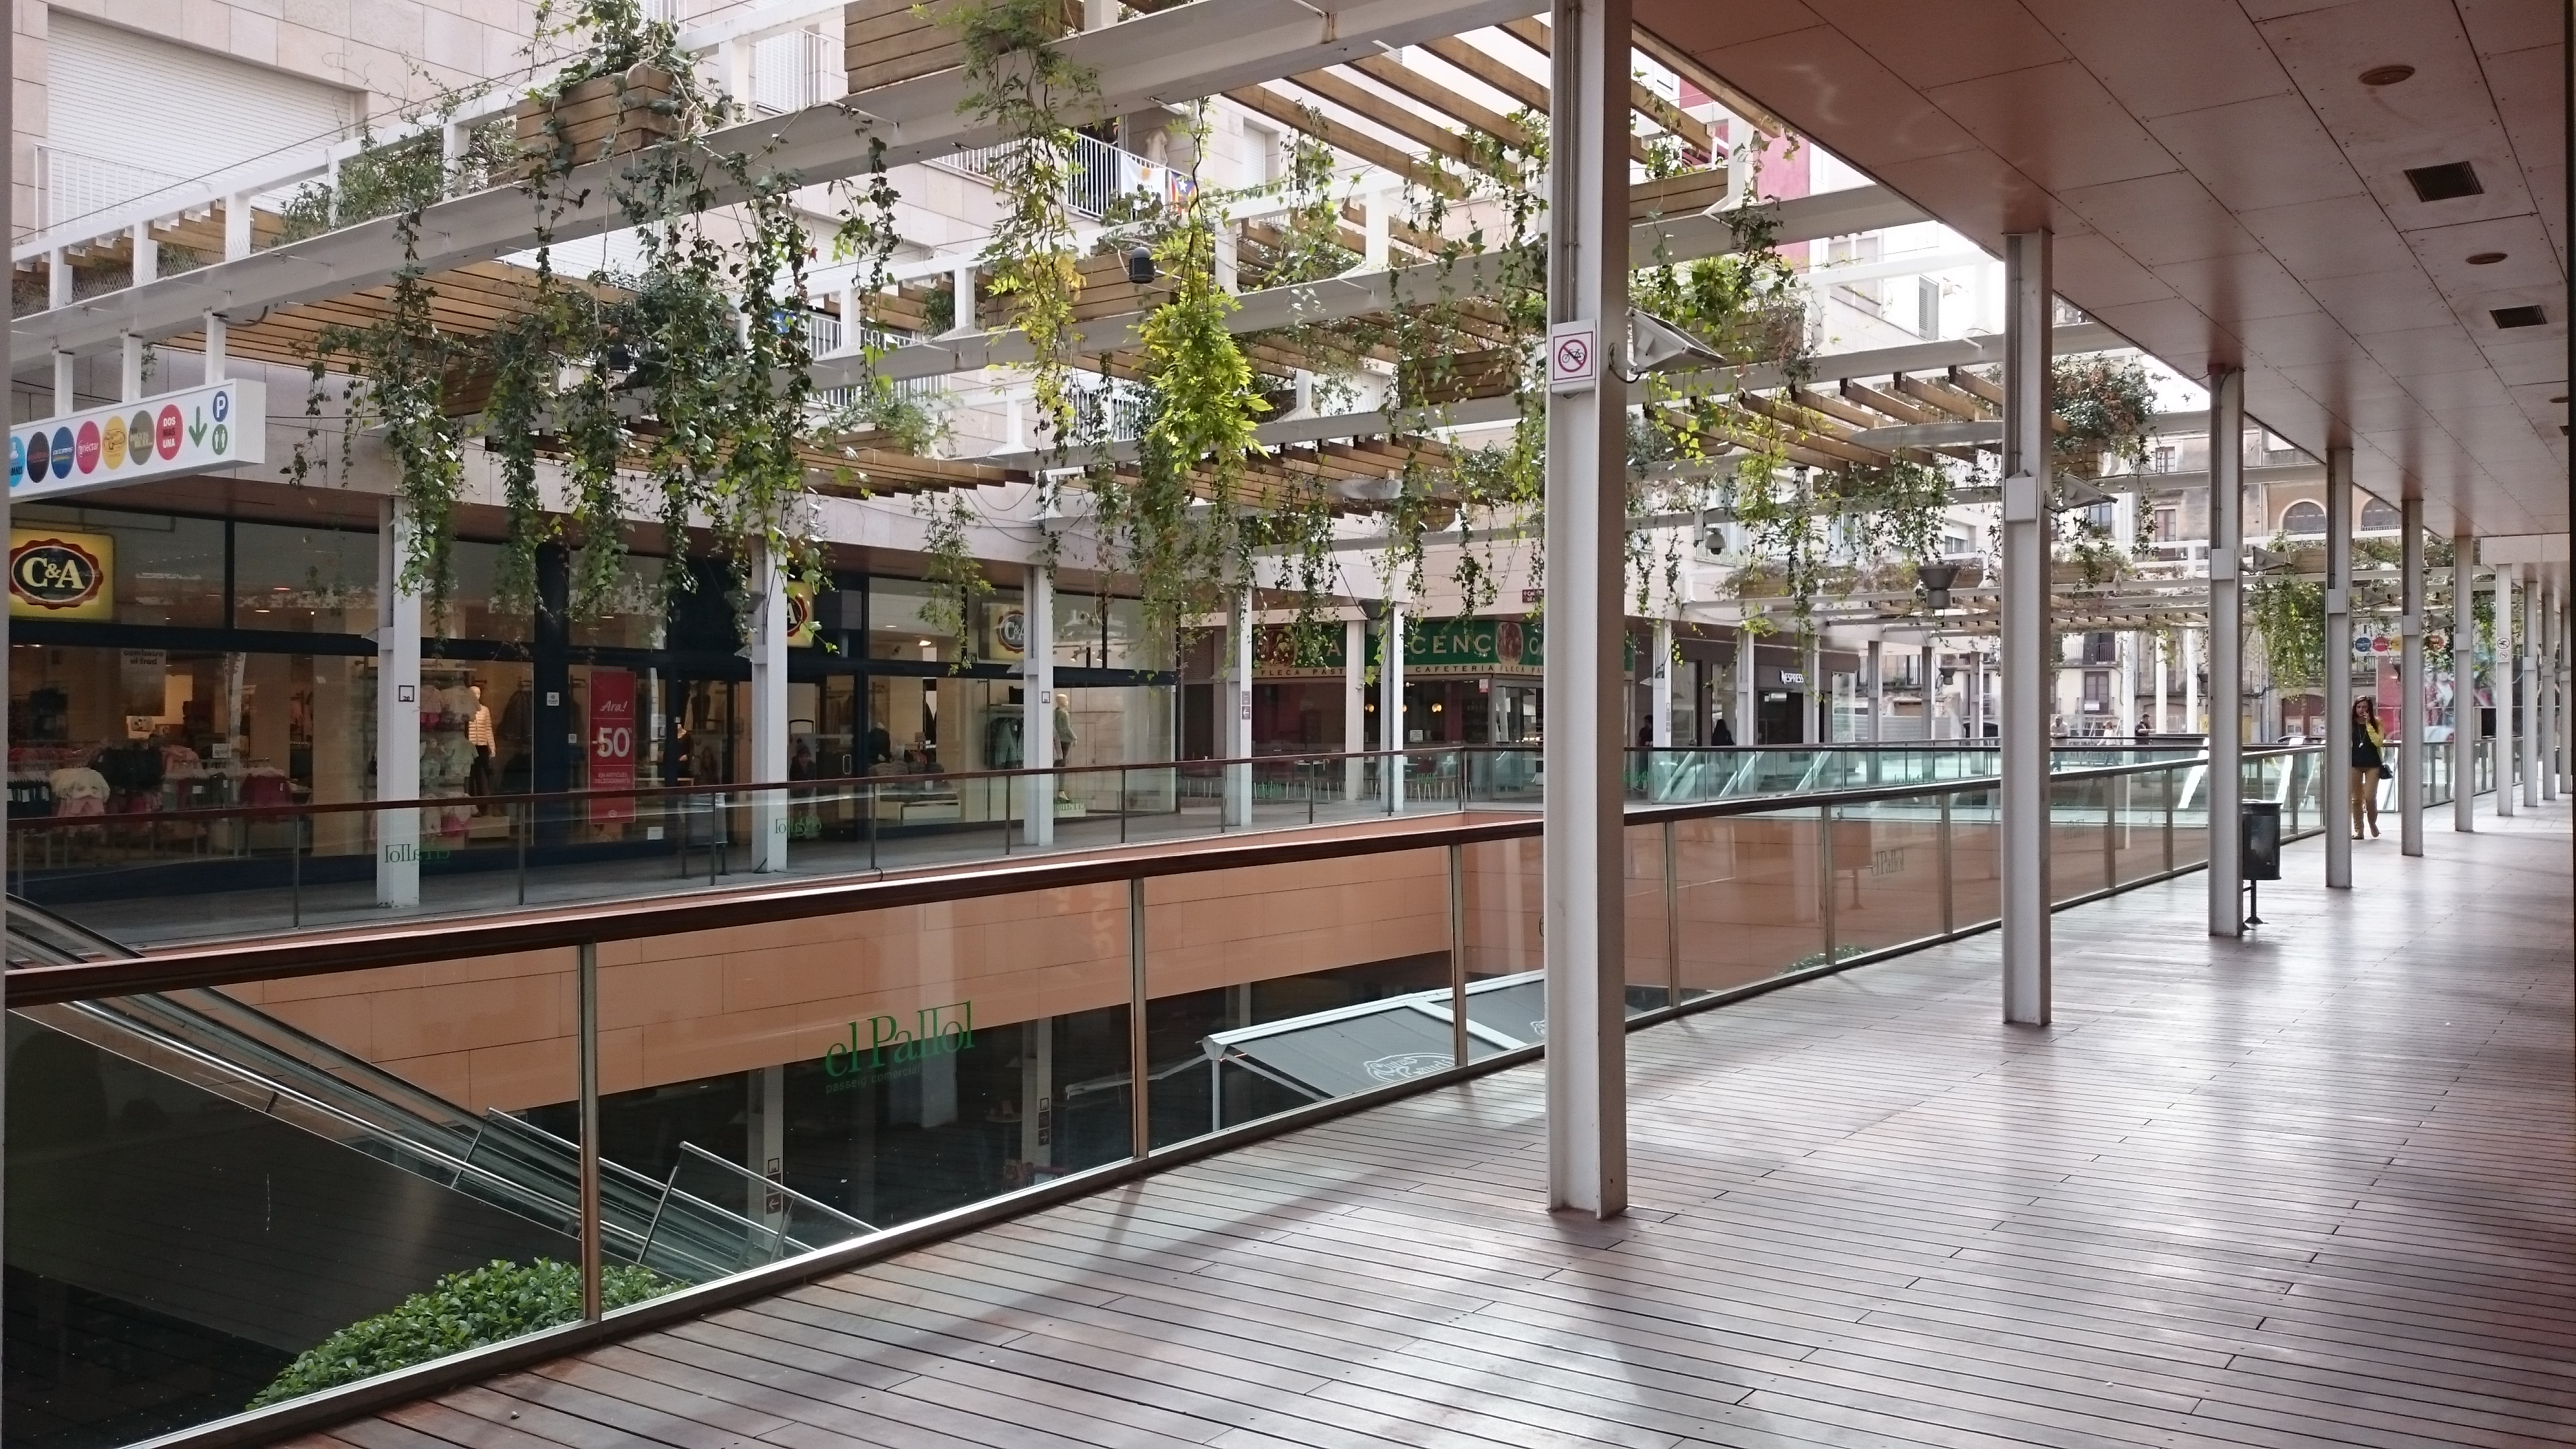 Casas y pisos en venta y alquiler en salou reus su for Pisos alquiler reus terraza